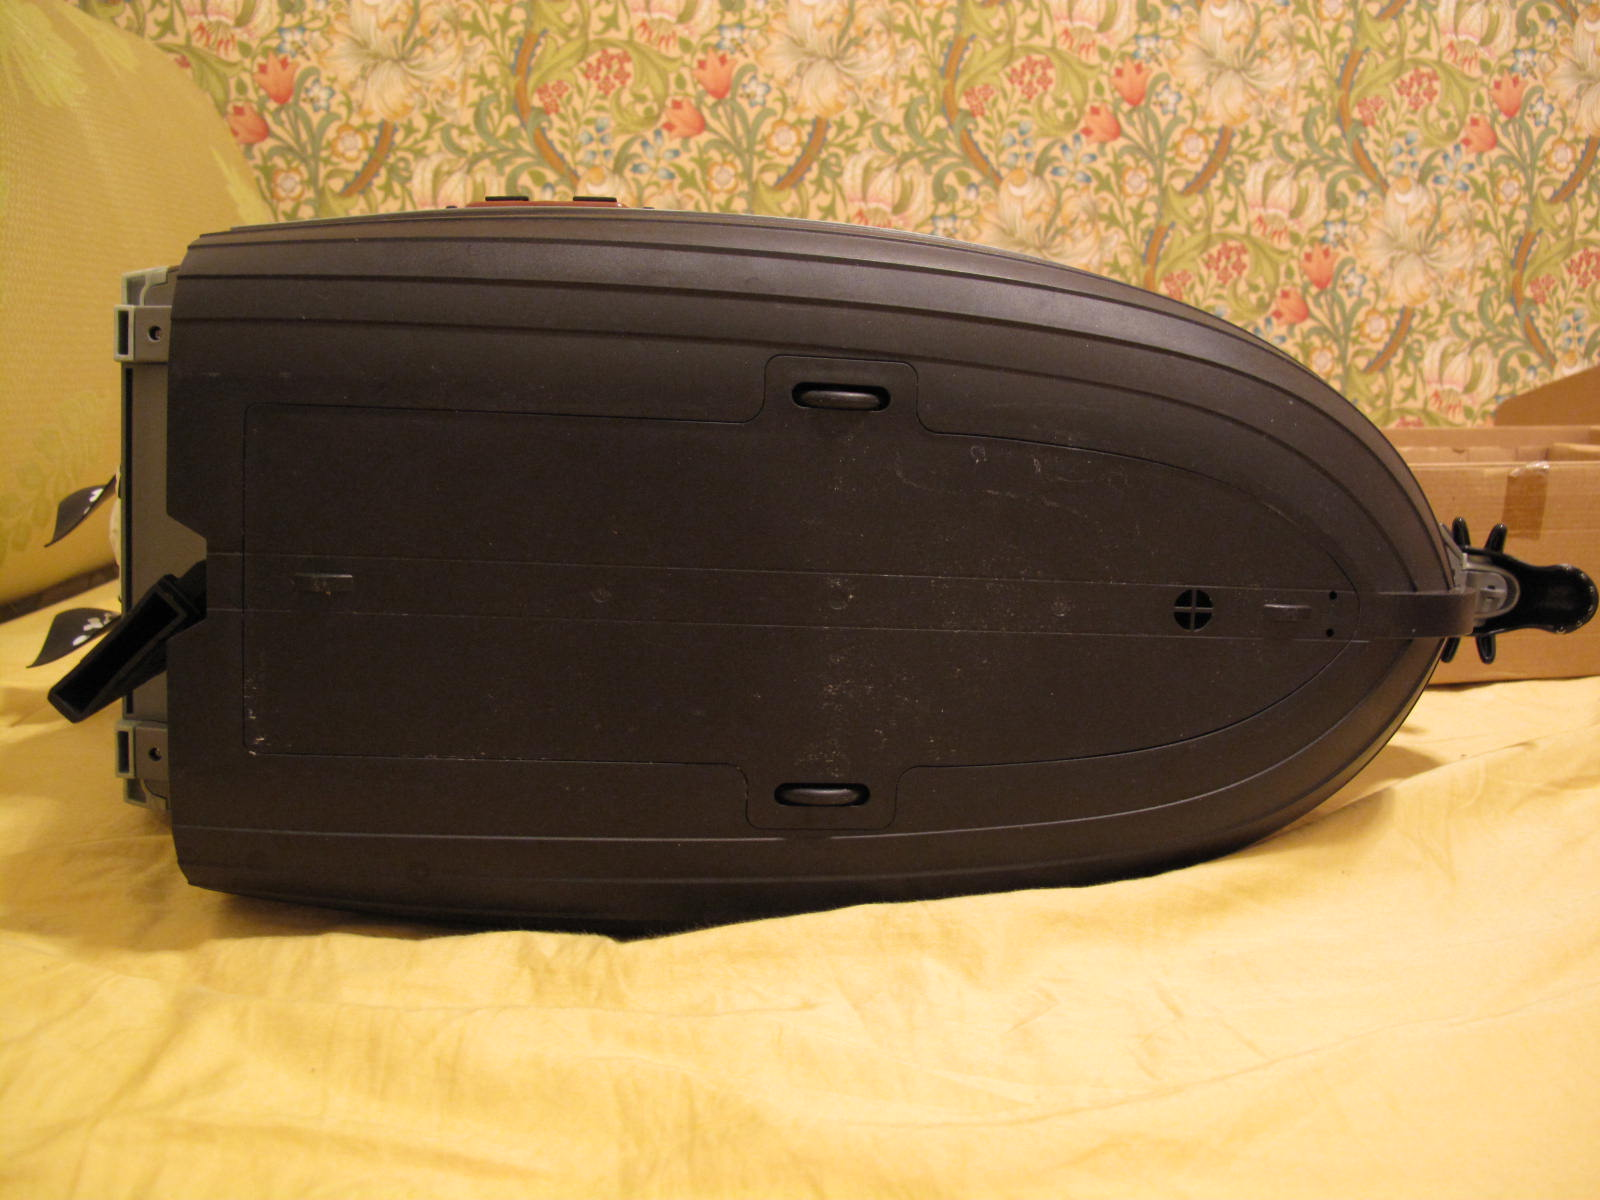 船底设计有轮子可以行进.所以平时在地板玩也可以顺利移动船身.